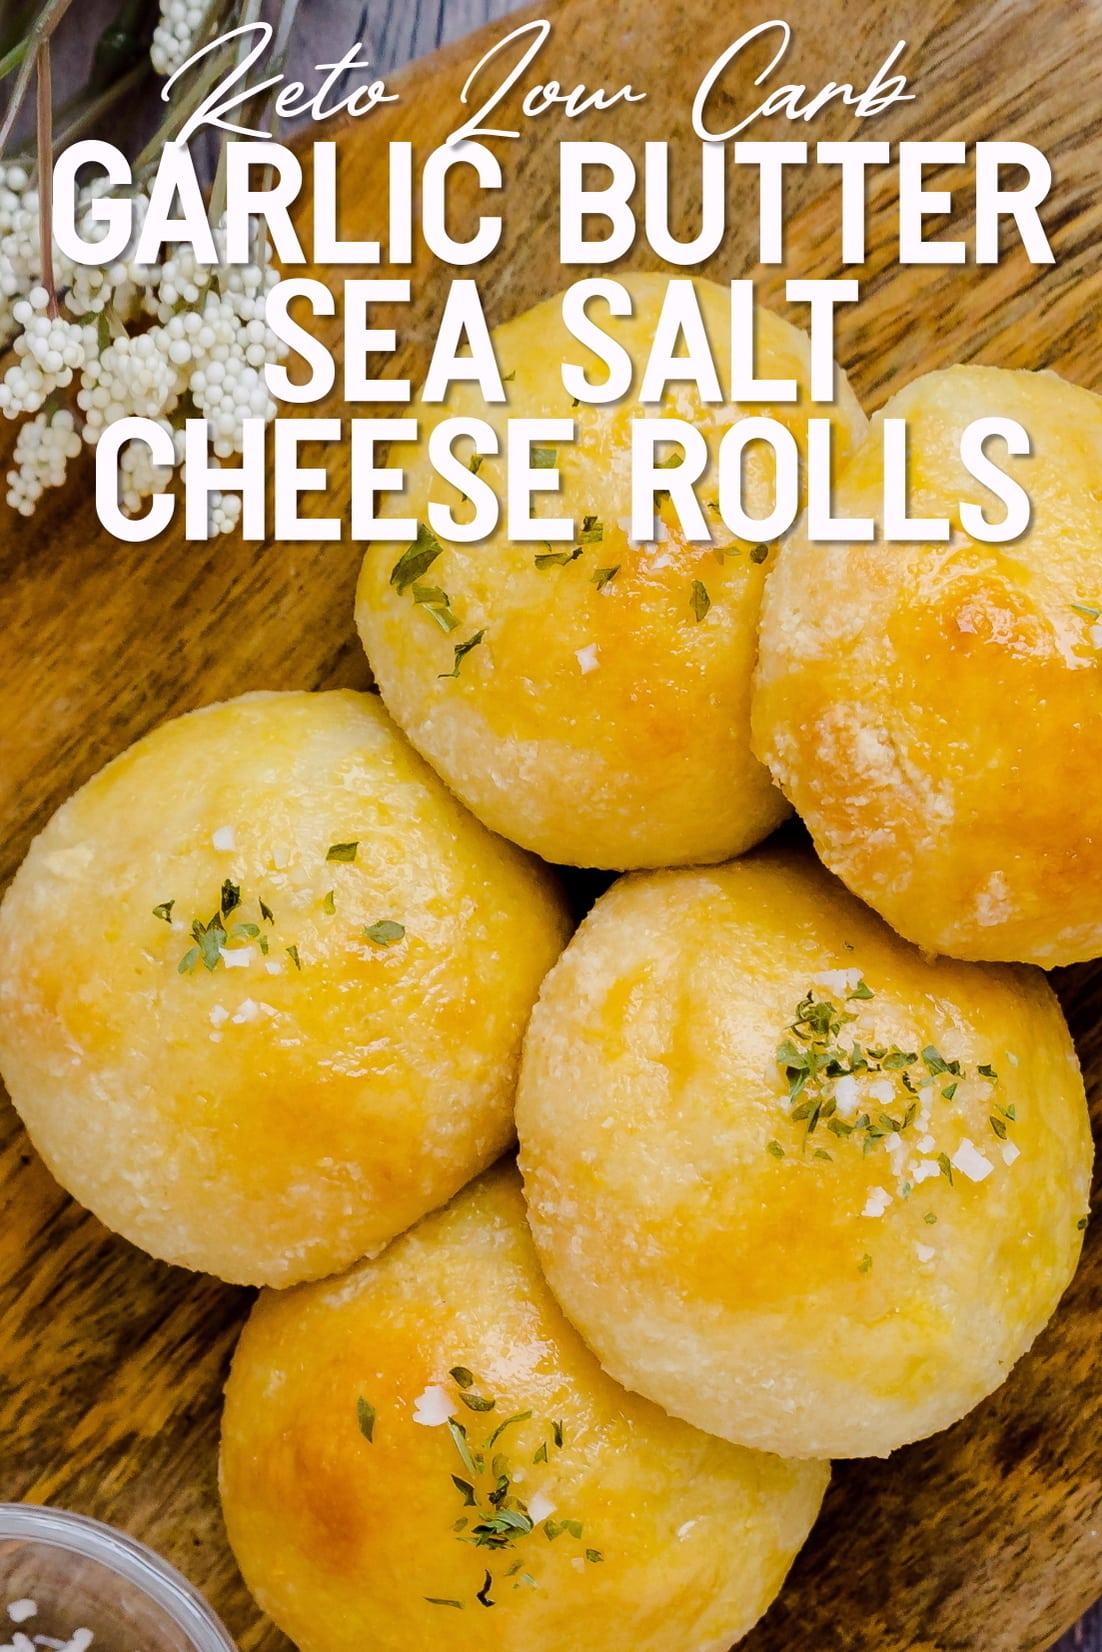 Garlic Butter Sea Salt Cheese Rolls Top down